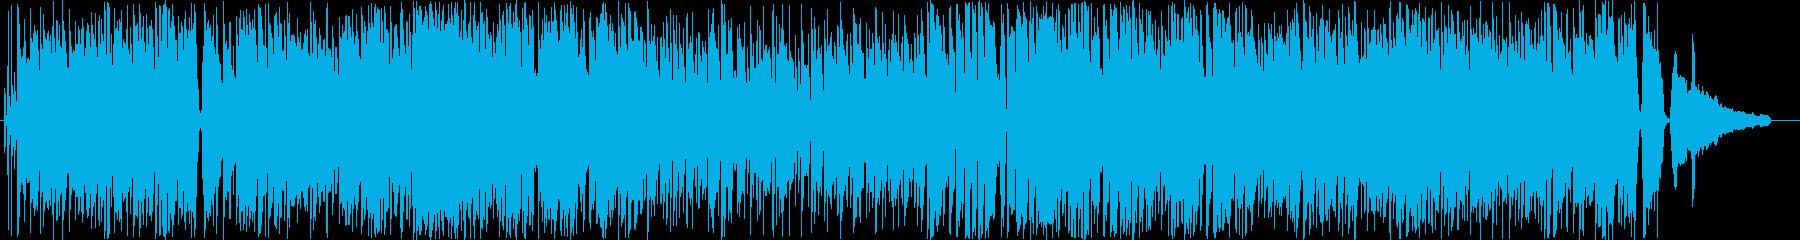 冬の街をイメージしたカワイイポップBGMの再生済みの波形